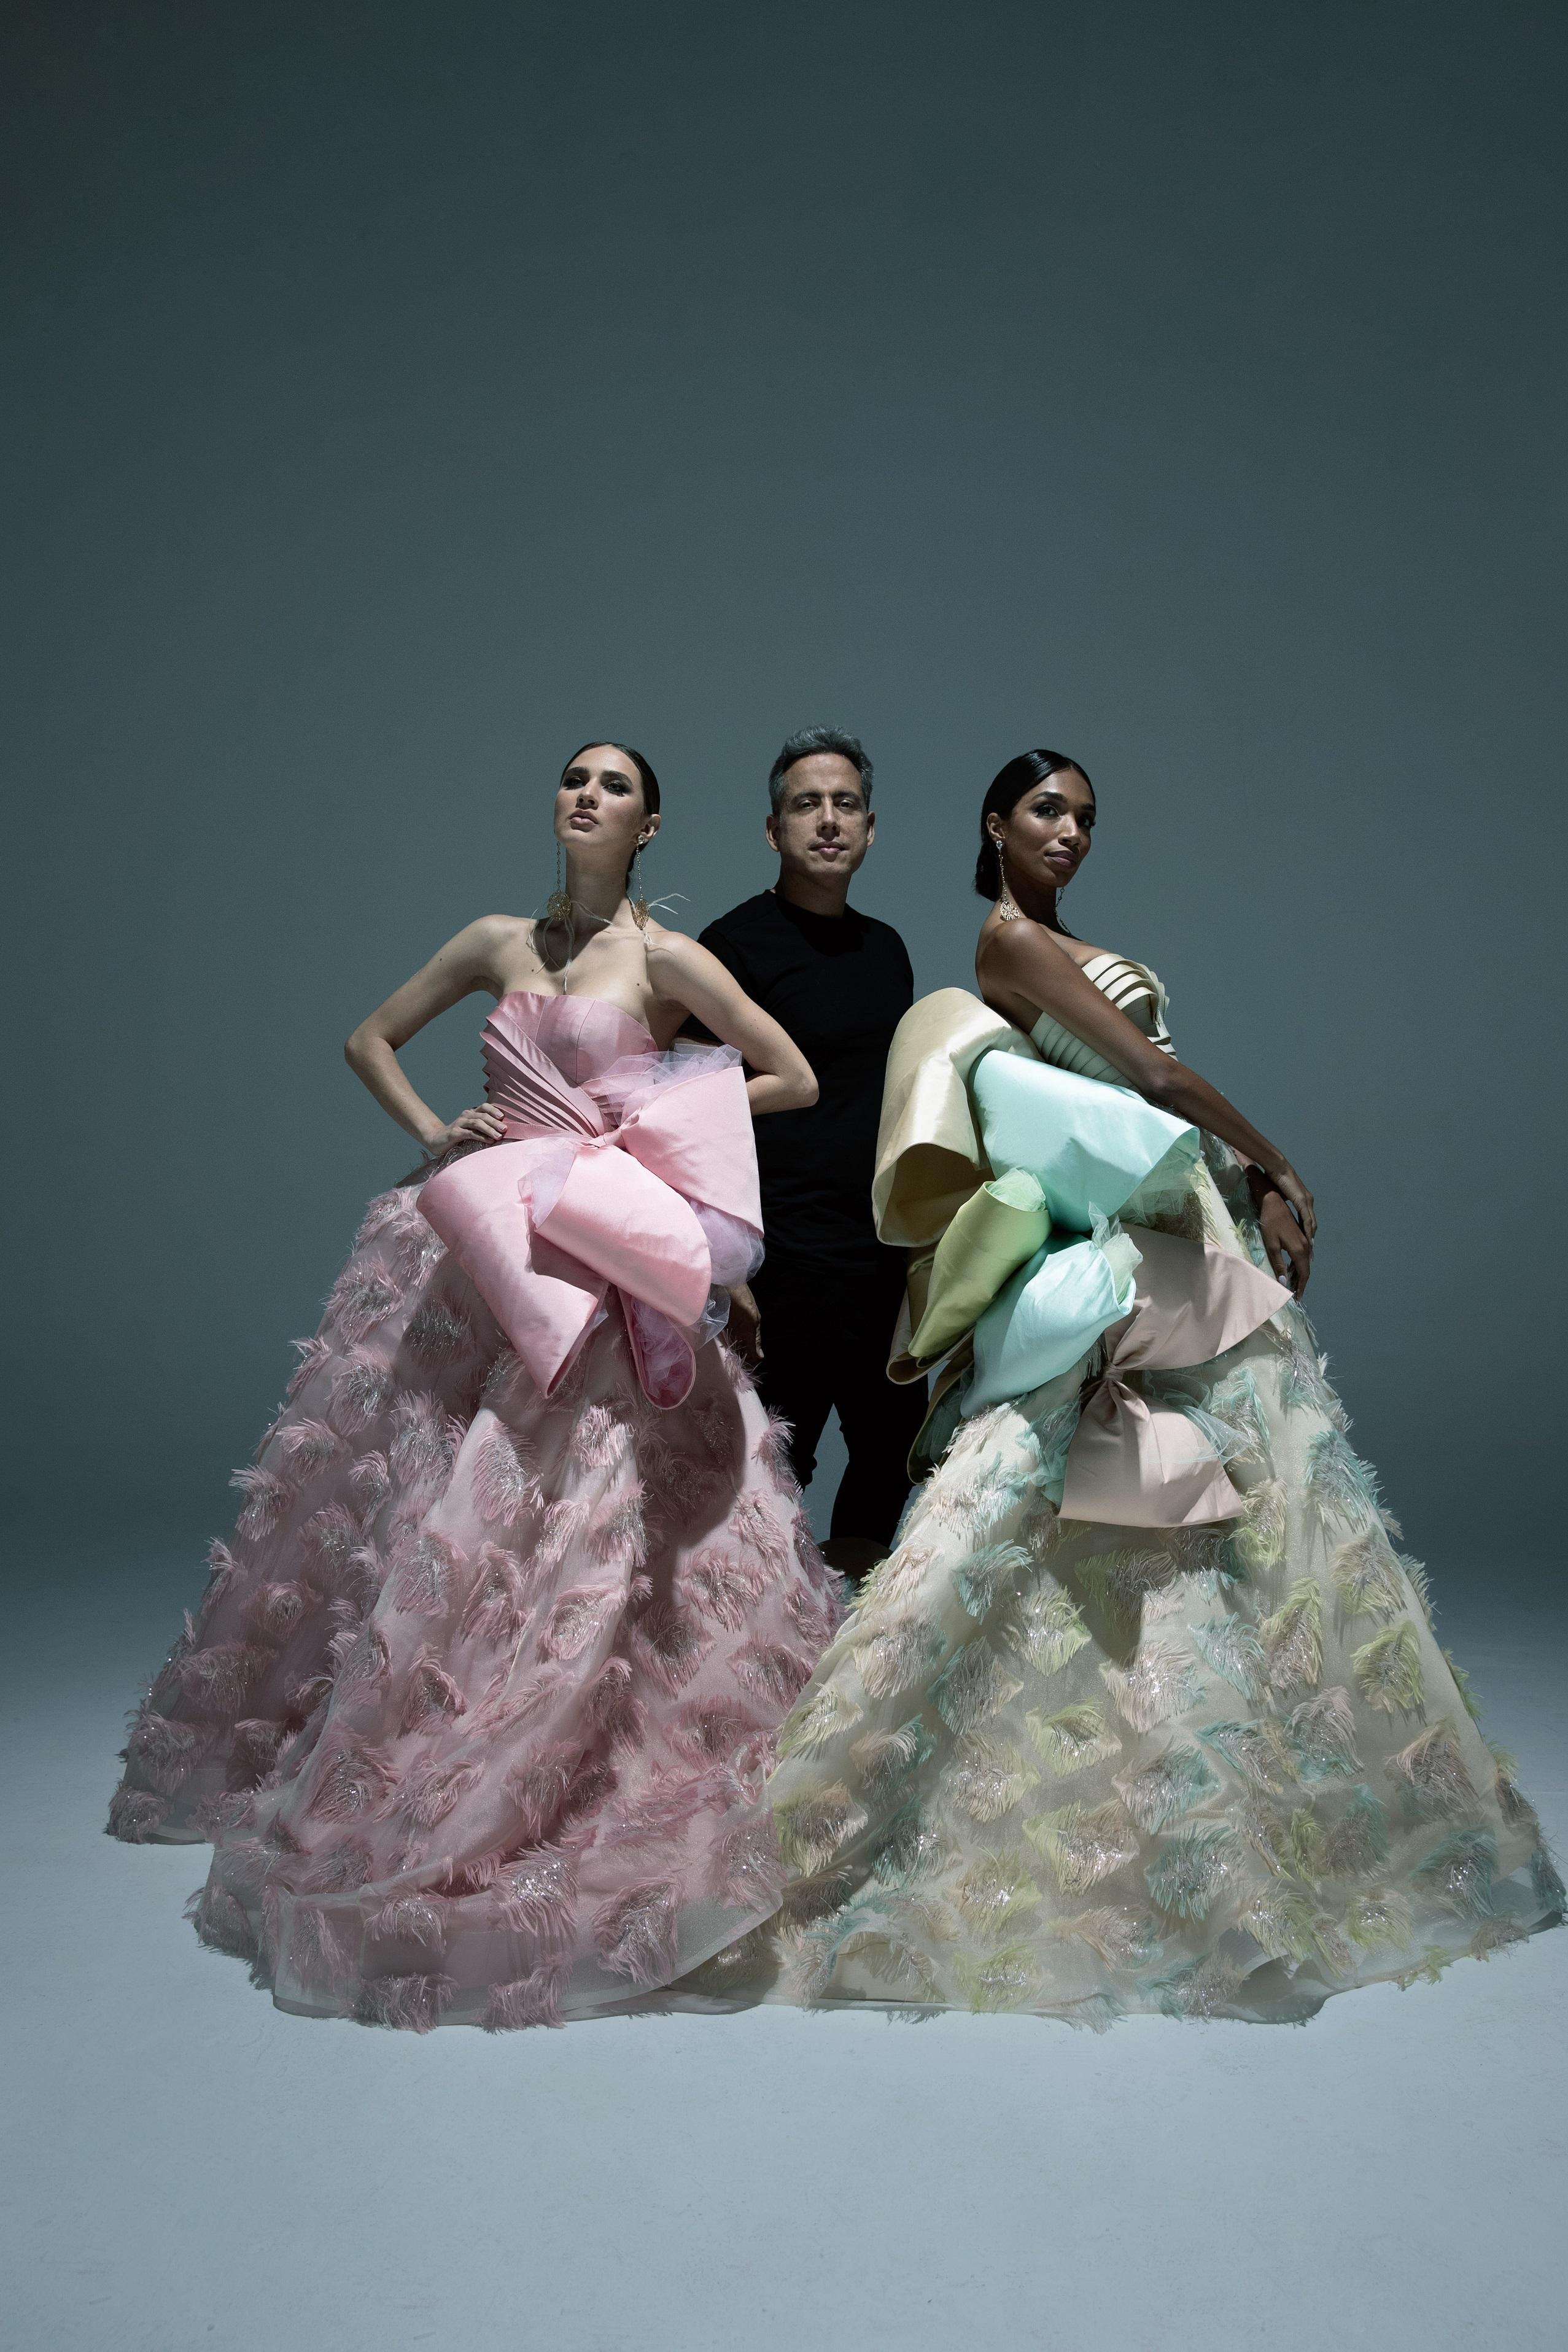 Harry Robles celebra, en medio de la pandemia, sus 35 años en la moda. (Foto: Giovan Cordero)